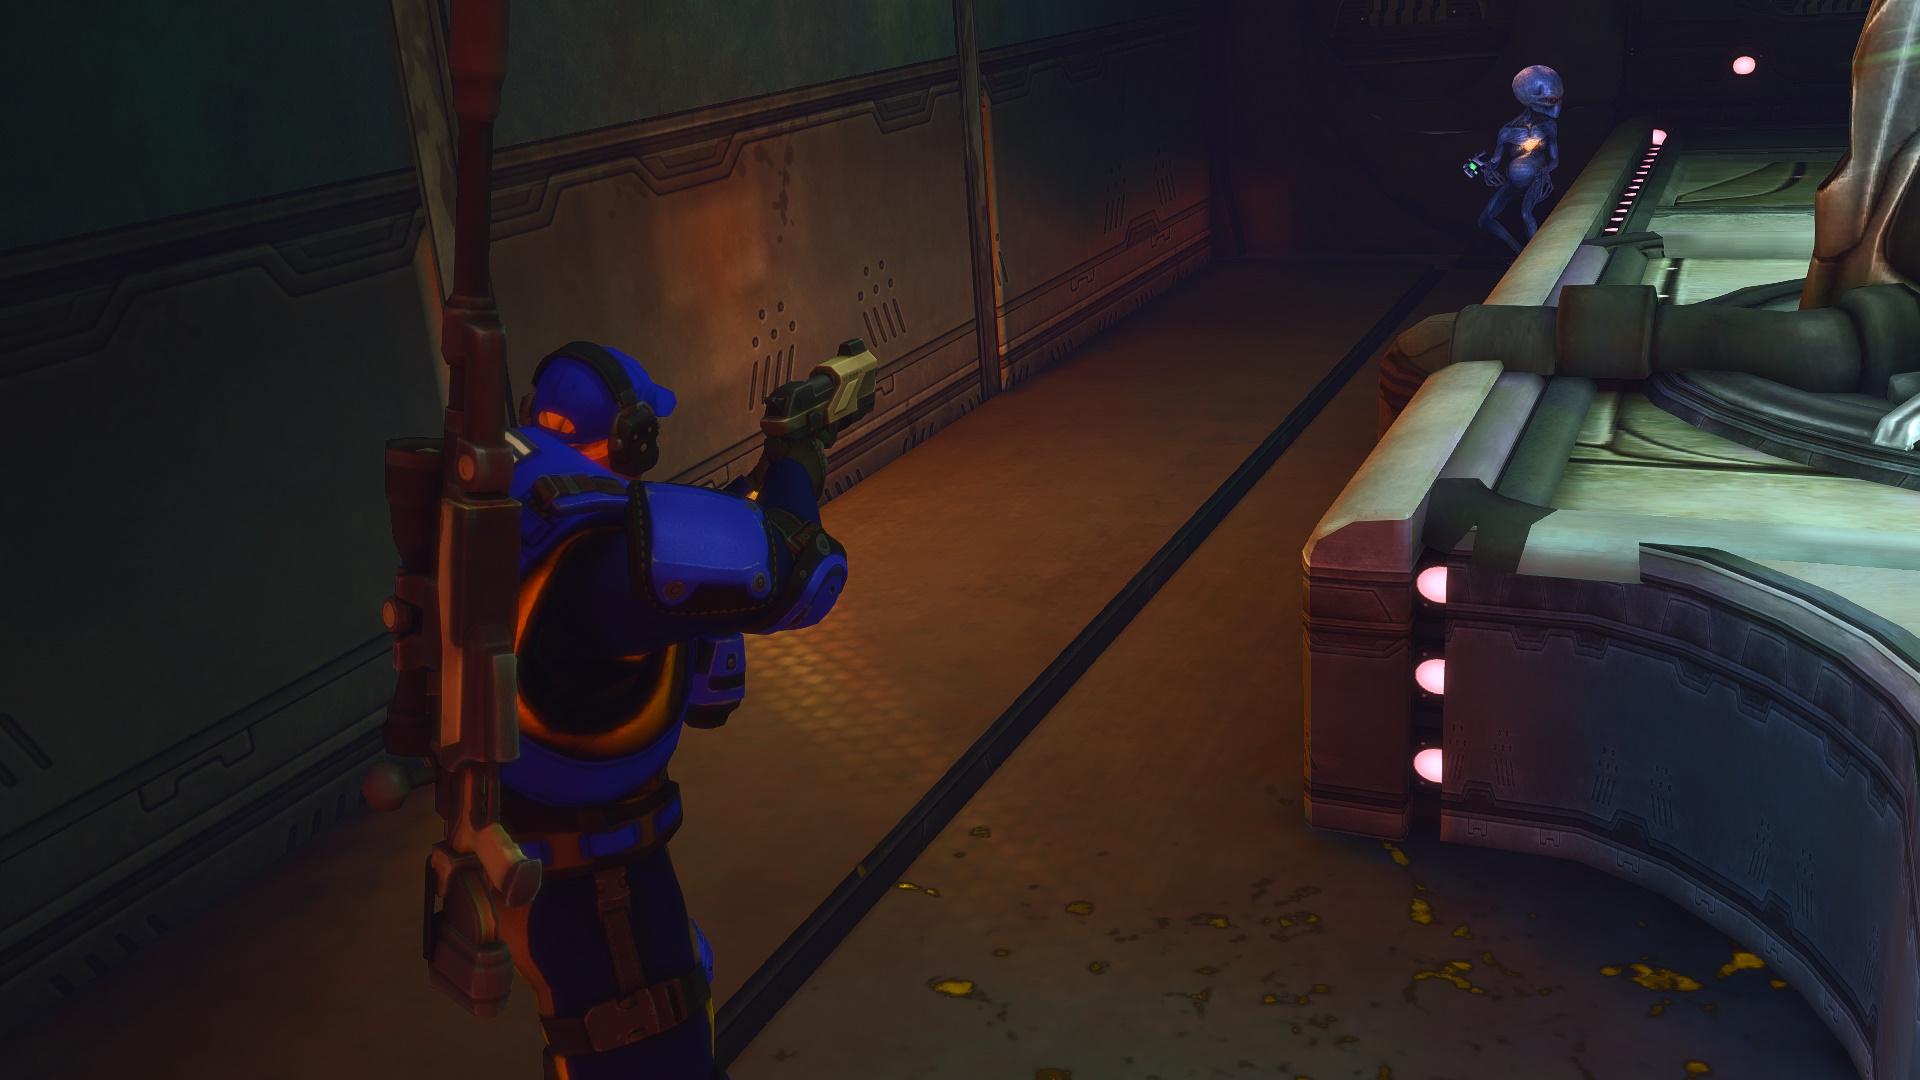 xcomgame 2017-09-04 18-49-26-188.jpg - XCOM: Enemy Unknown